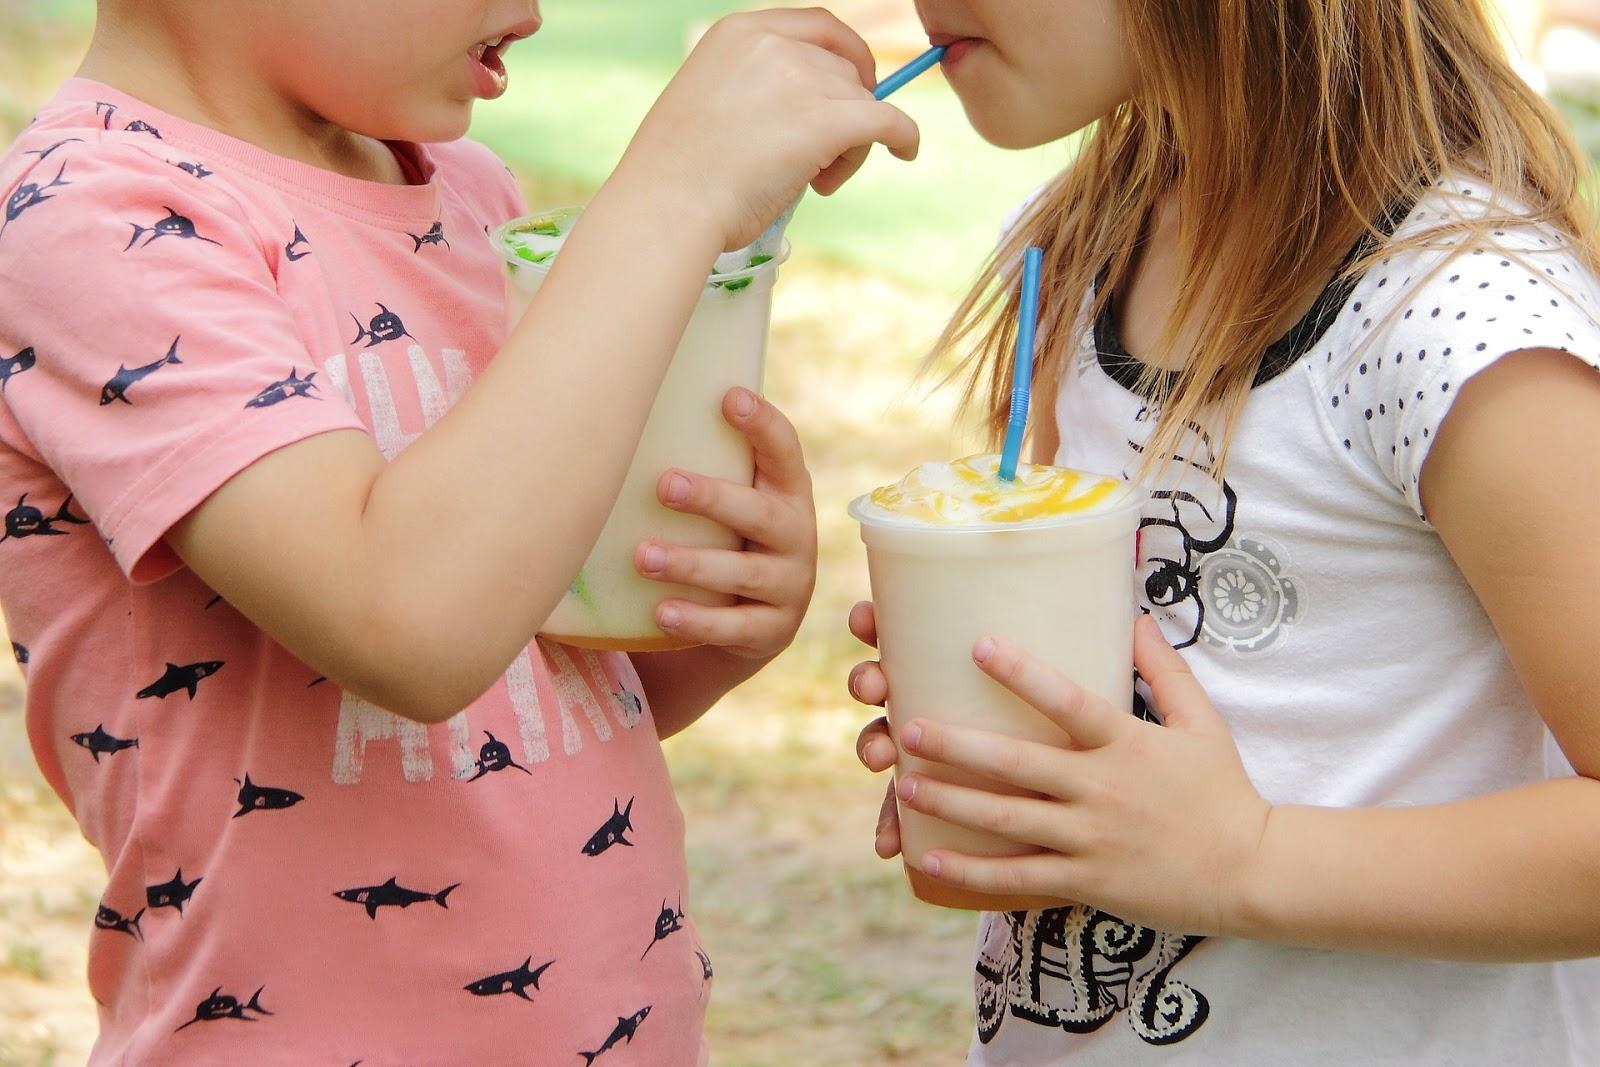 Η Σωστή Διατροφή των Παιδιών